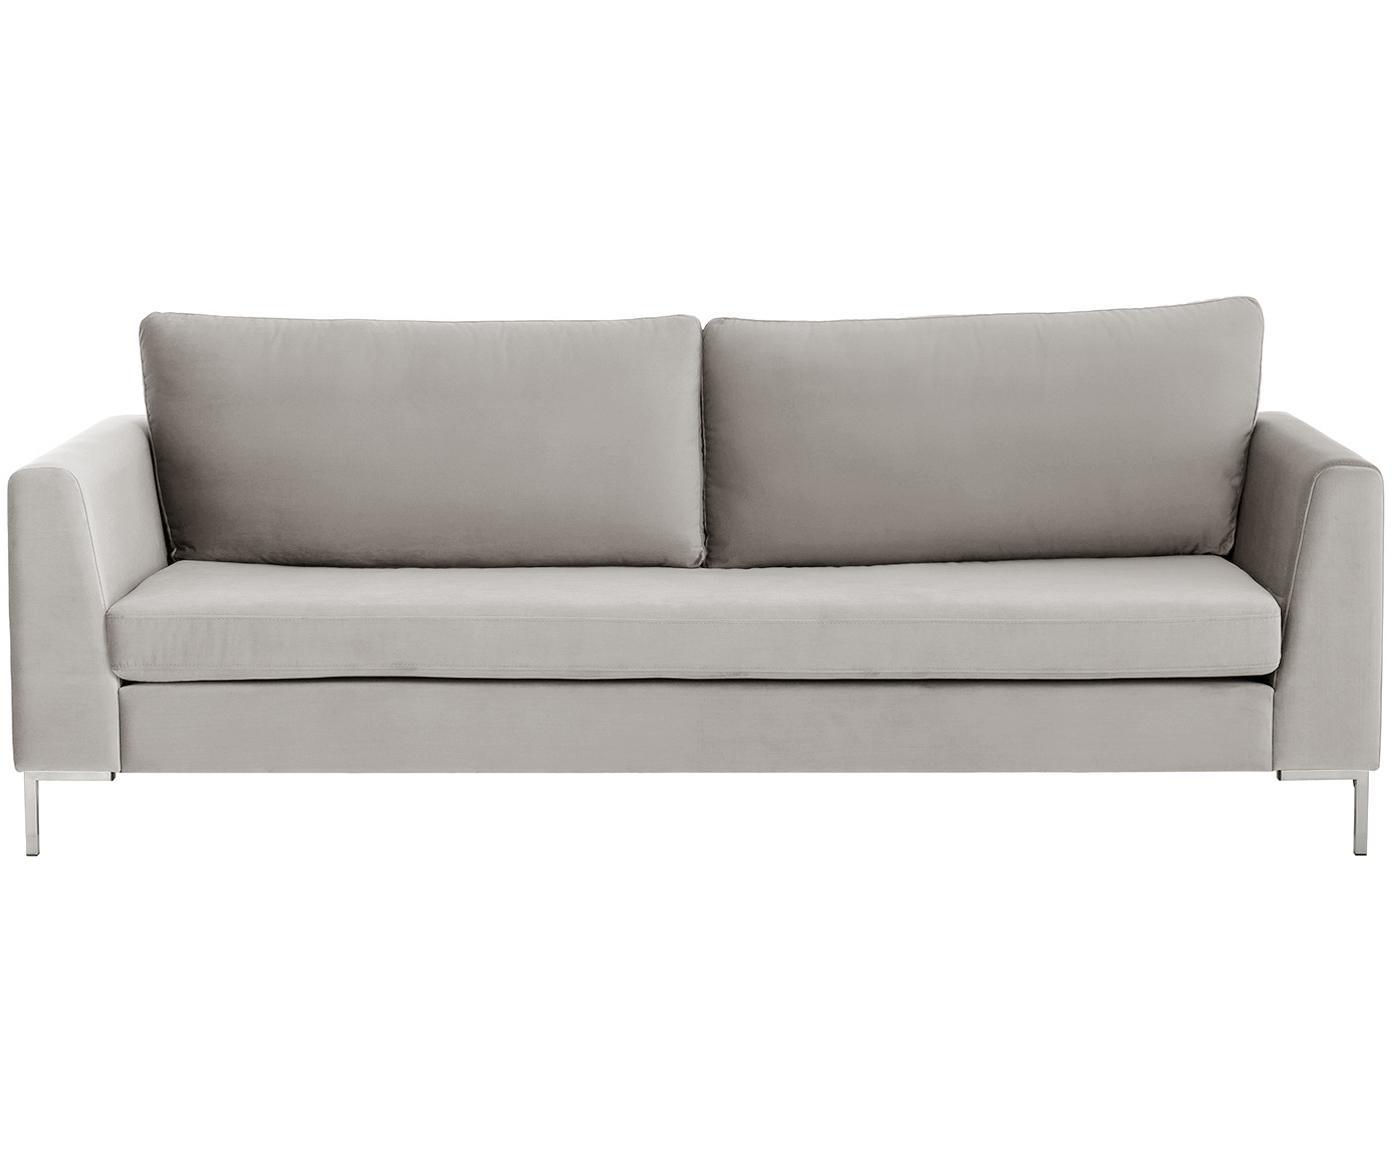 Sofa z aksamitu Luna (3-osobowa), Tapicerka: aksamit (poliester) 8000, Stelaż: lite drewno bukowe, Nogi: metal galwanizowany, Aksamitny beżowy, srebrny, S 230 x G 95 cm